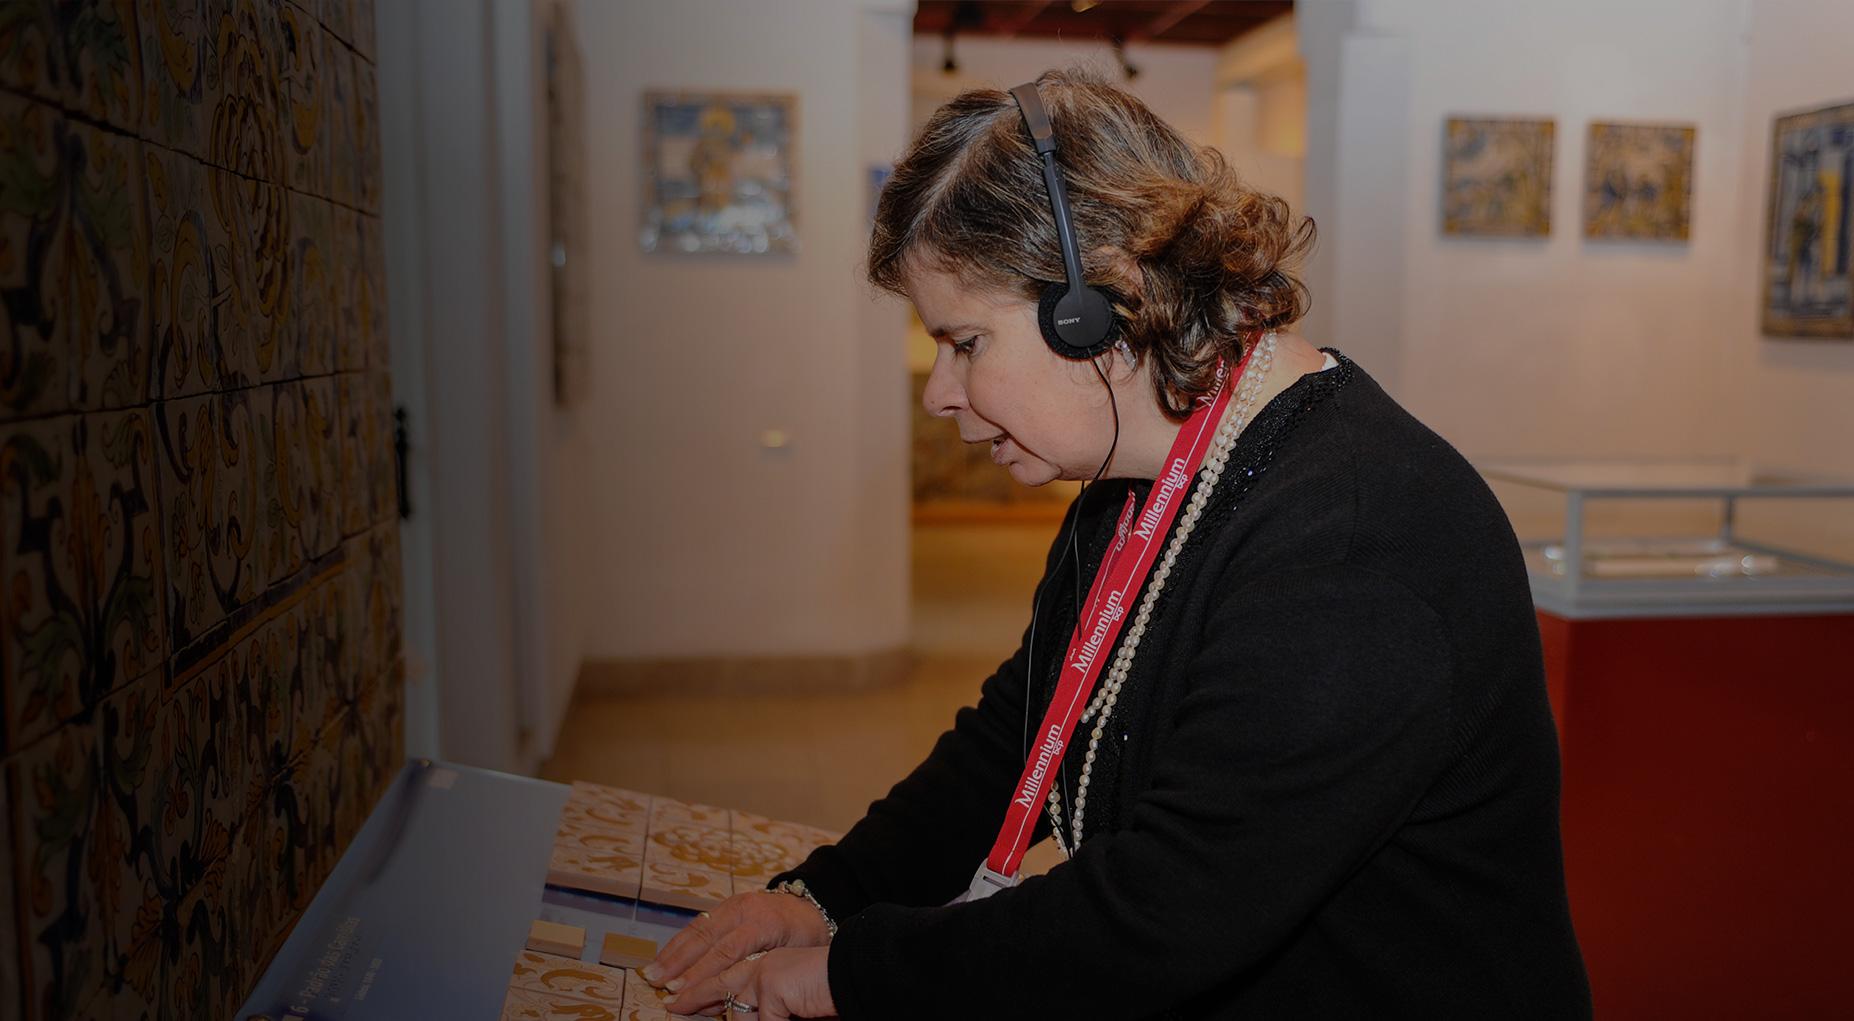 Imagem pessoa invisual com réplica táctil no museu